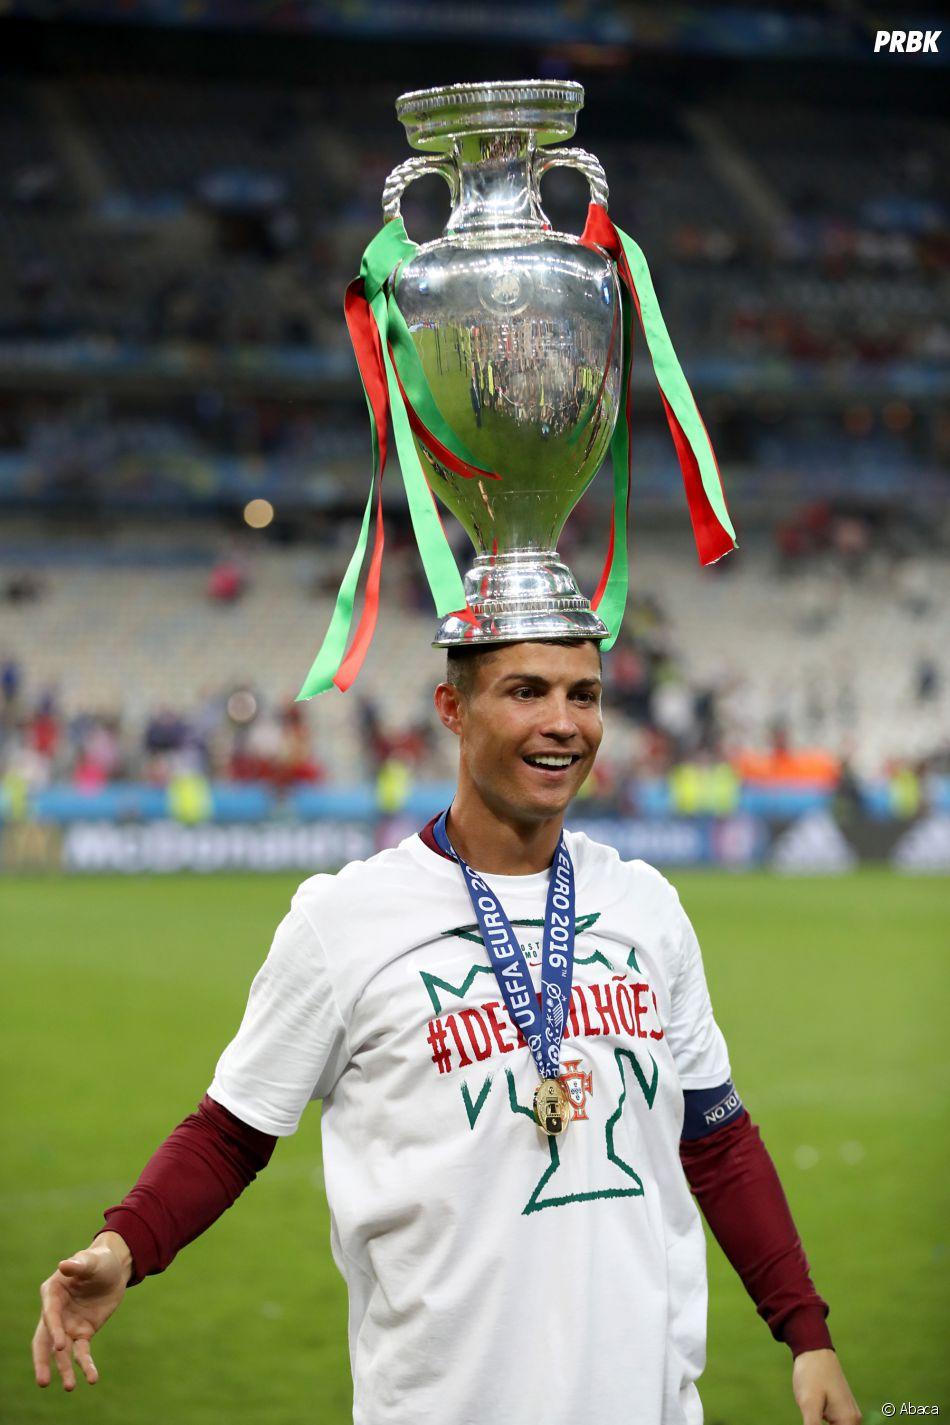 La coupe de l 39 euro meilleure pansement pour cristiano ronaldo bless au genou purebreak - Coupe christiano ronaldo ...